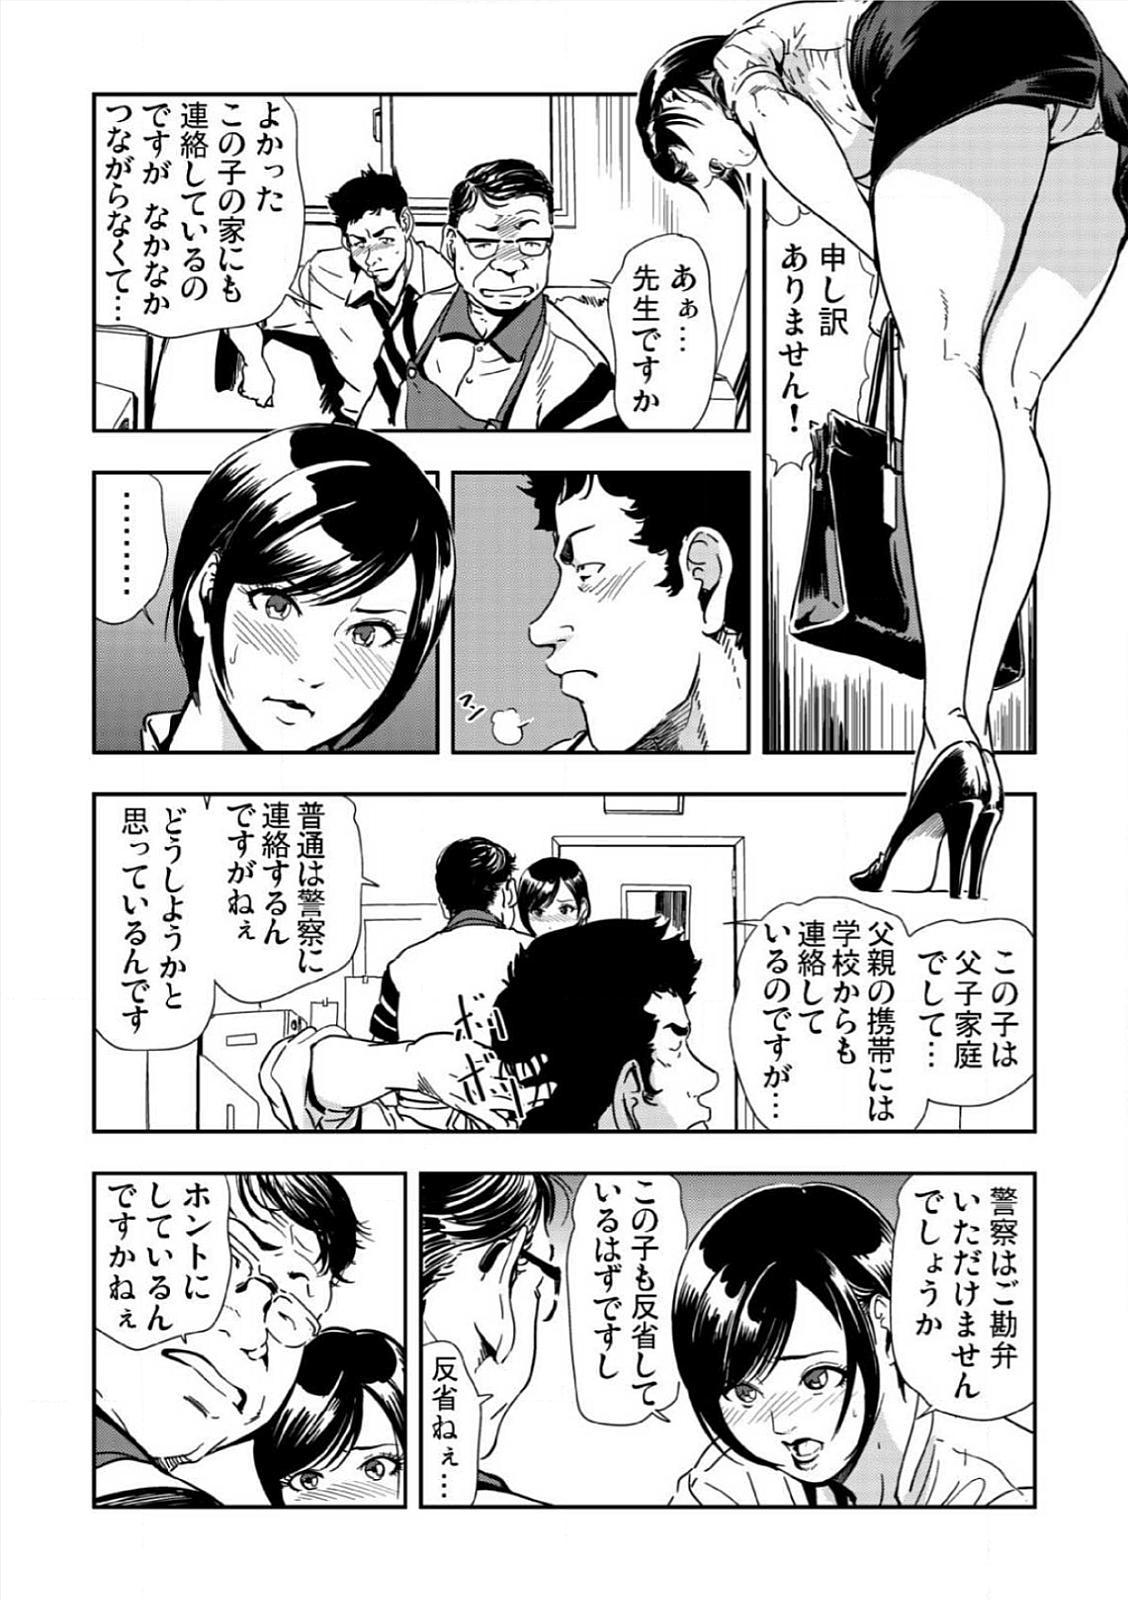 [Misaki Yukihiro] Kyousei Shidou ~Mechakucha ni Kegasarete~ (1)~(6) [Digital] 133